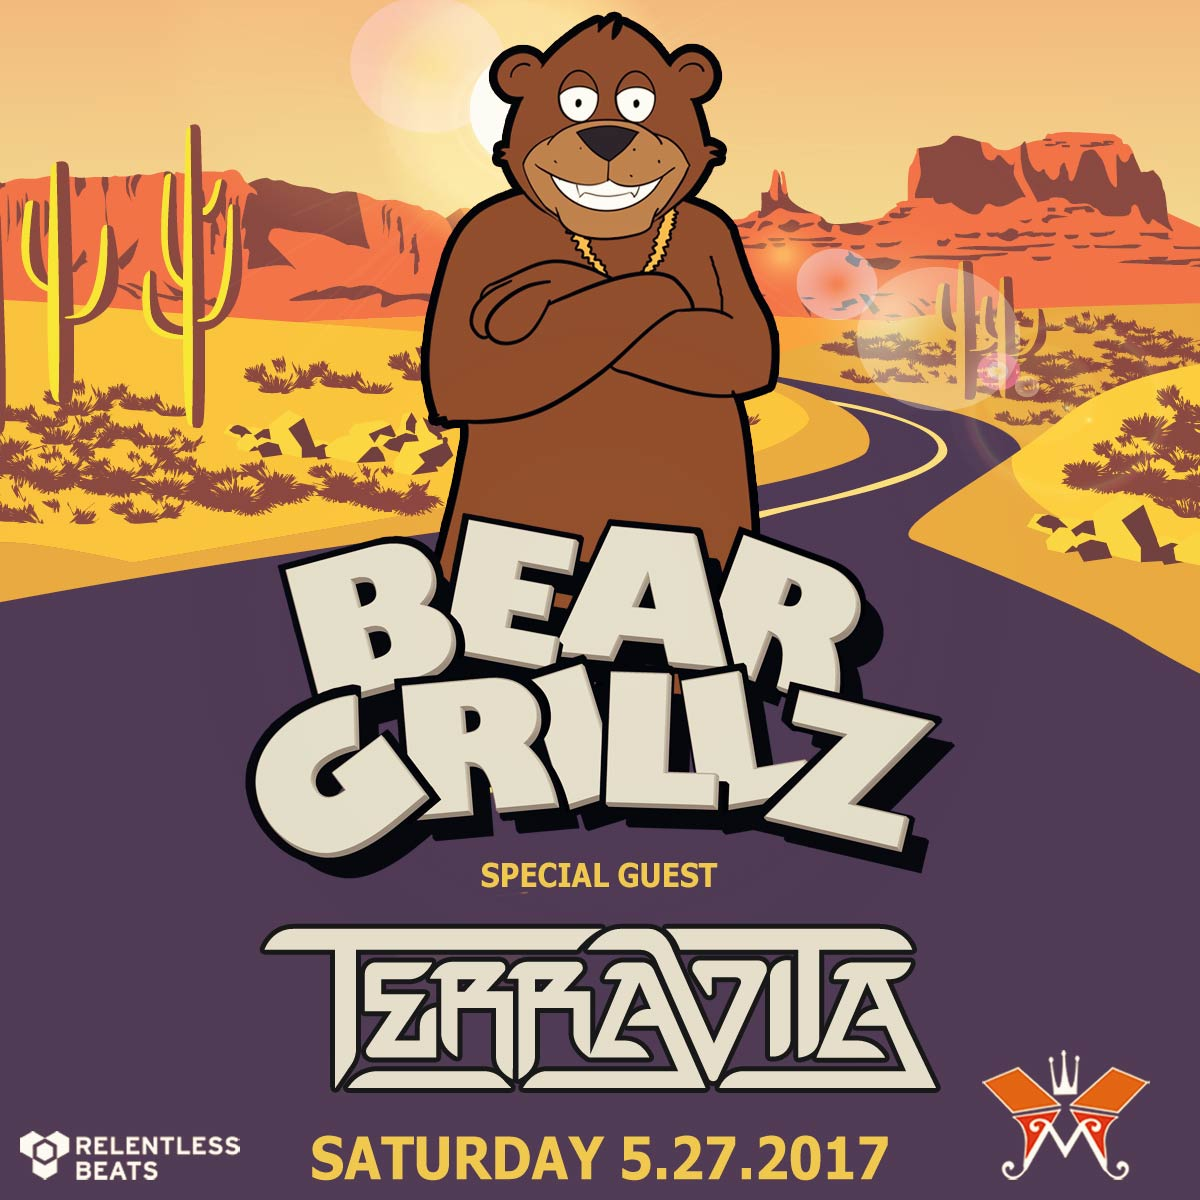 Flyer for Bear Grillz + Terravita